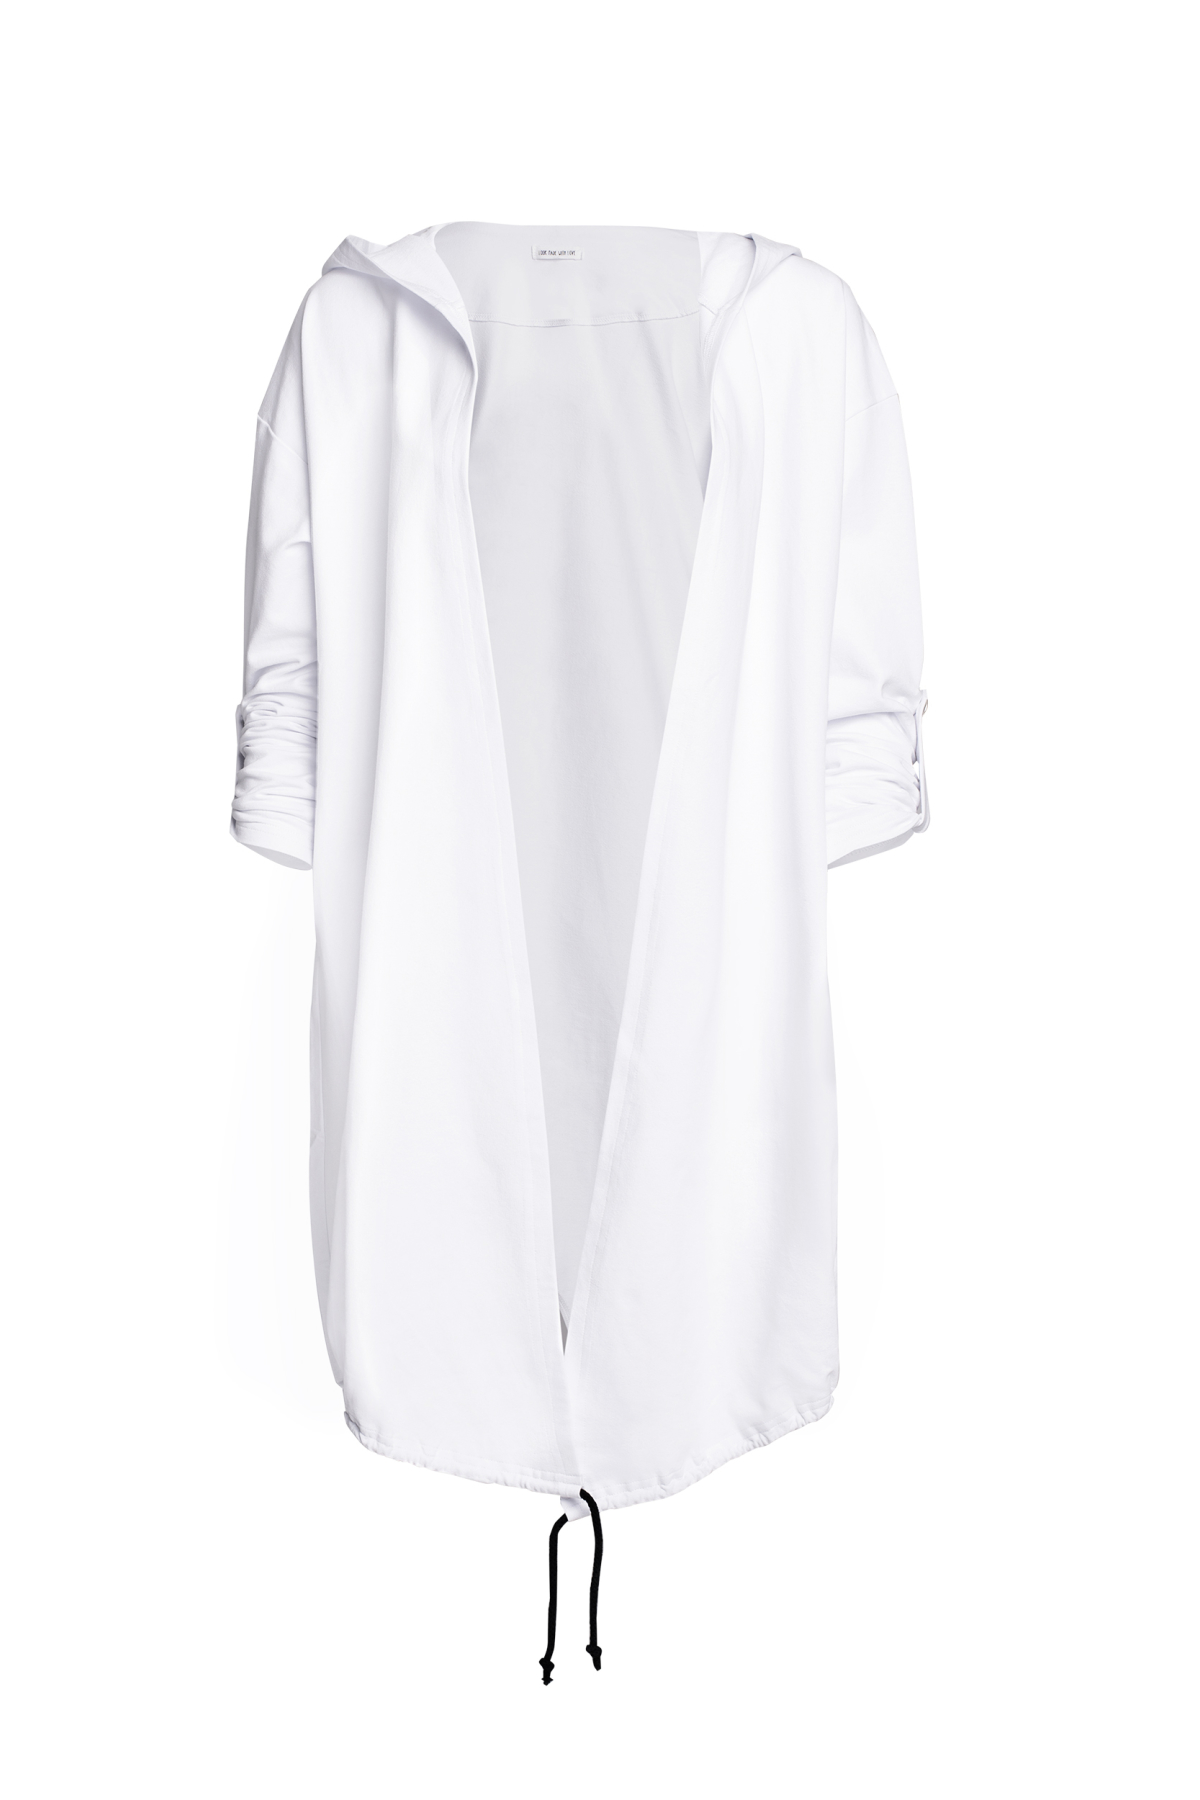 Bluza z kapturem i nadrukiem Magnolia Look 600 LOOK made with Love - Slow Store | JestemSlow.pl